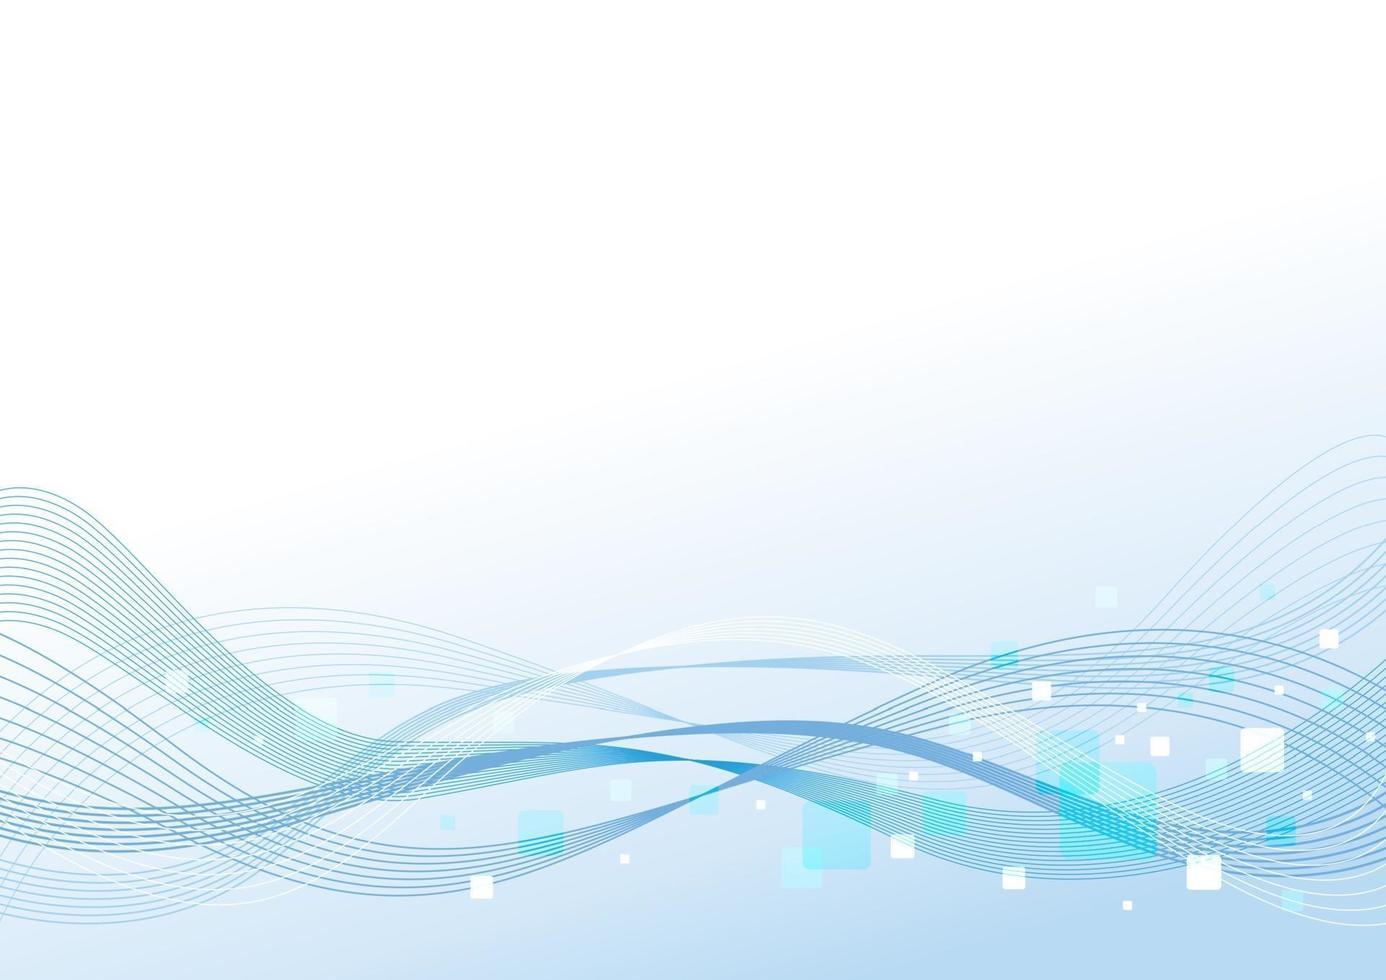 abstrakter Hintergrundentwurf der Linienwellenvektorillustration vektor